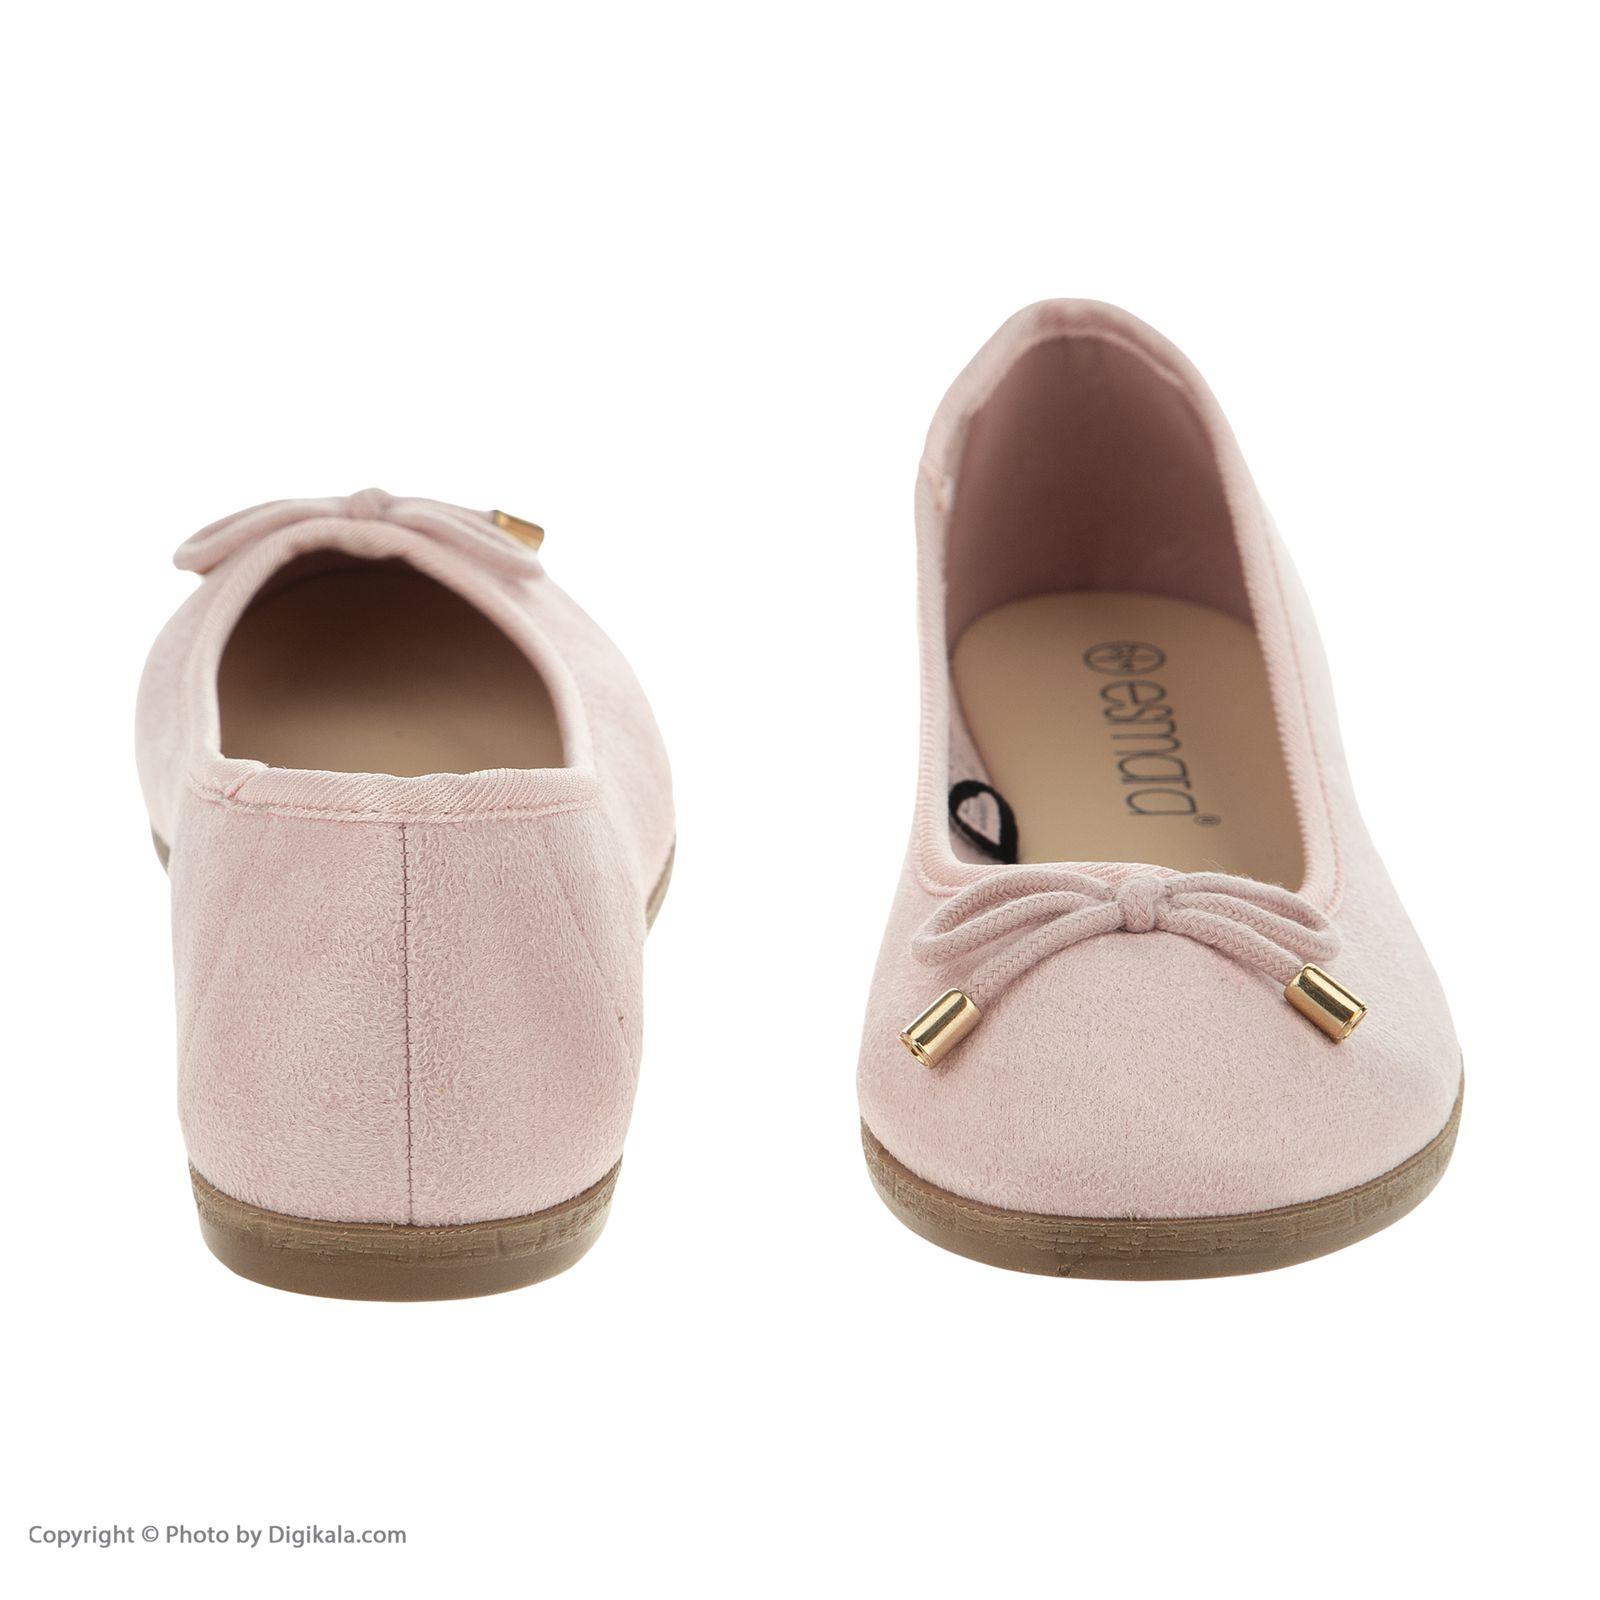 کفش زنانه اسمارا کد Esh05 -  - 7